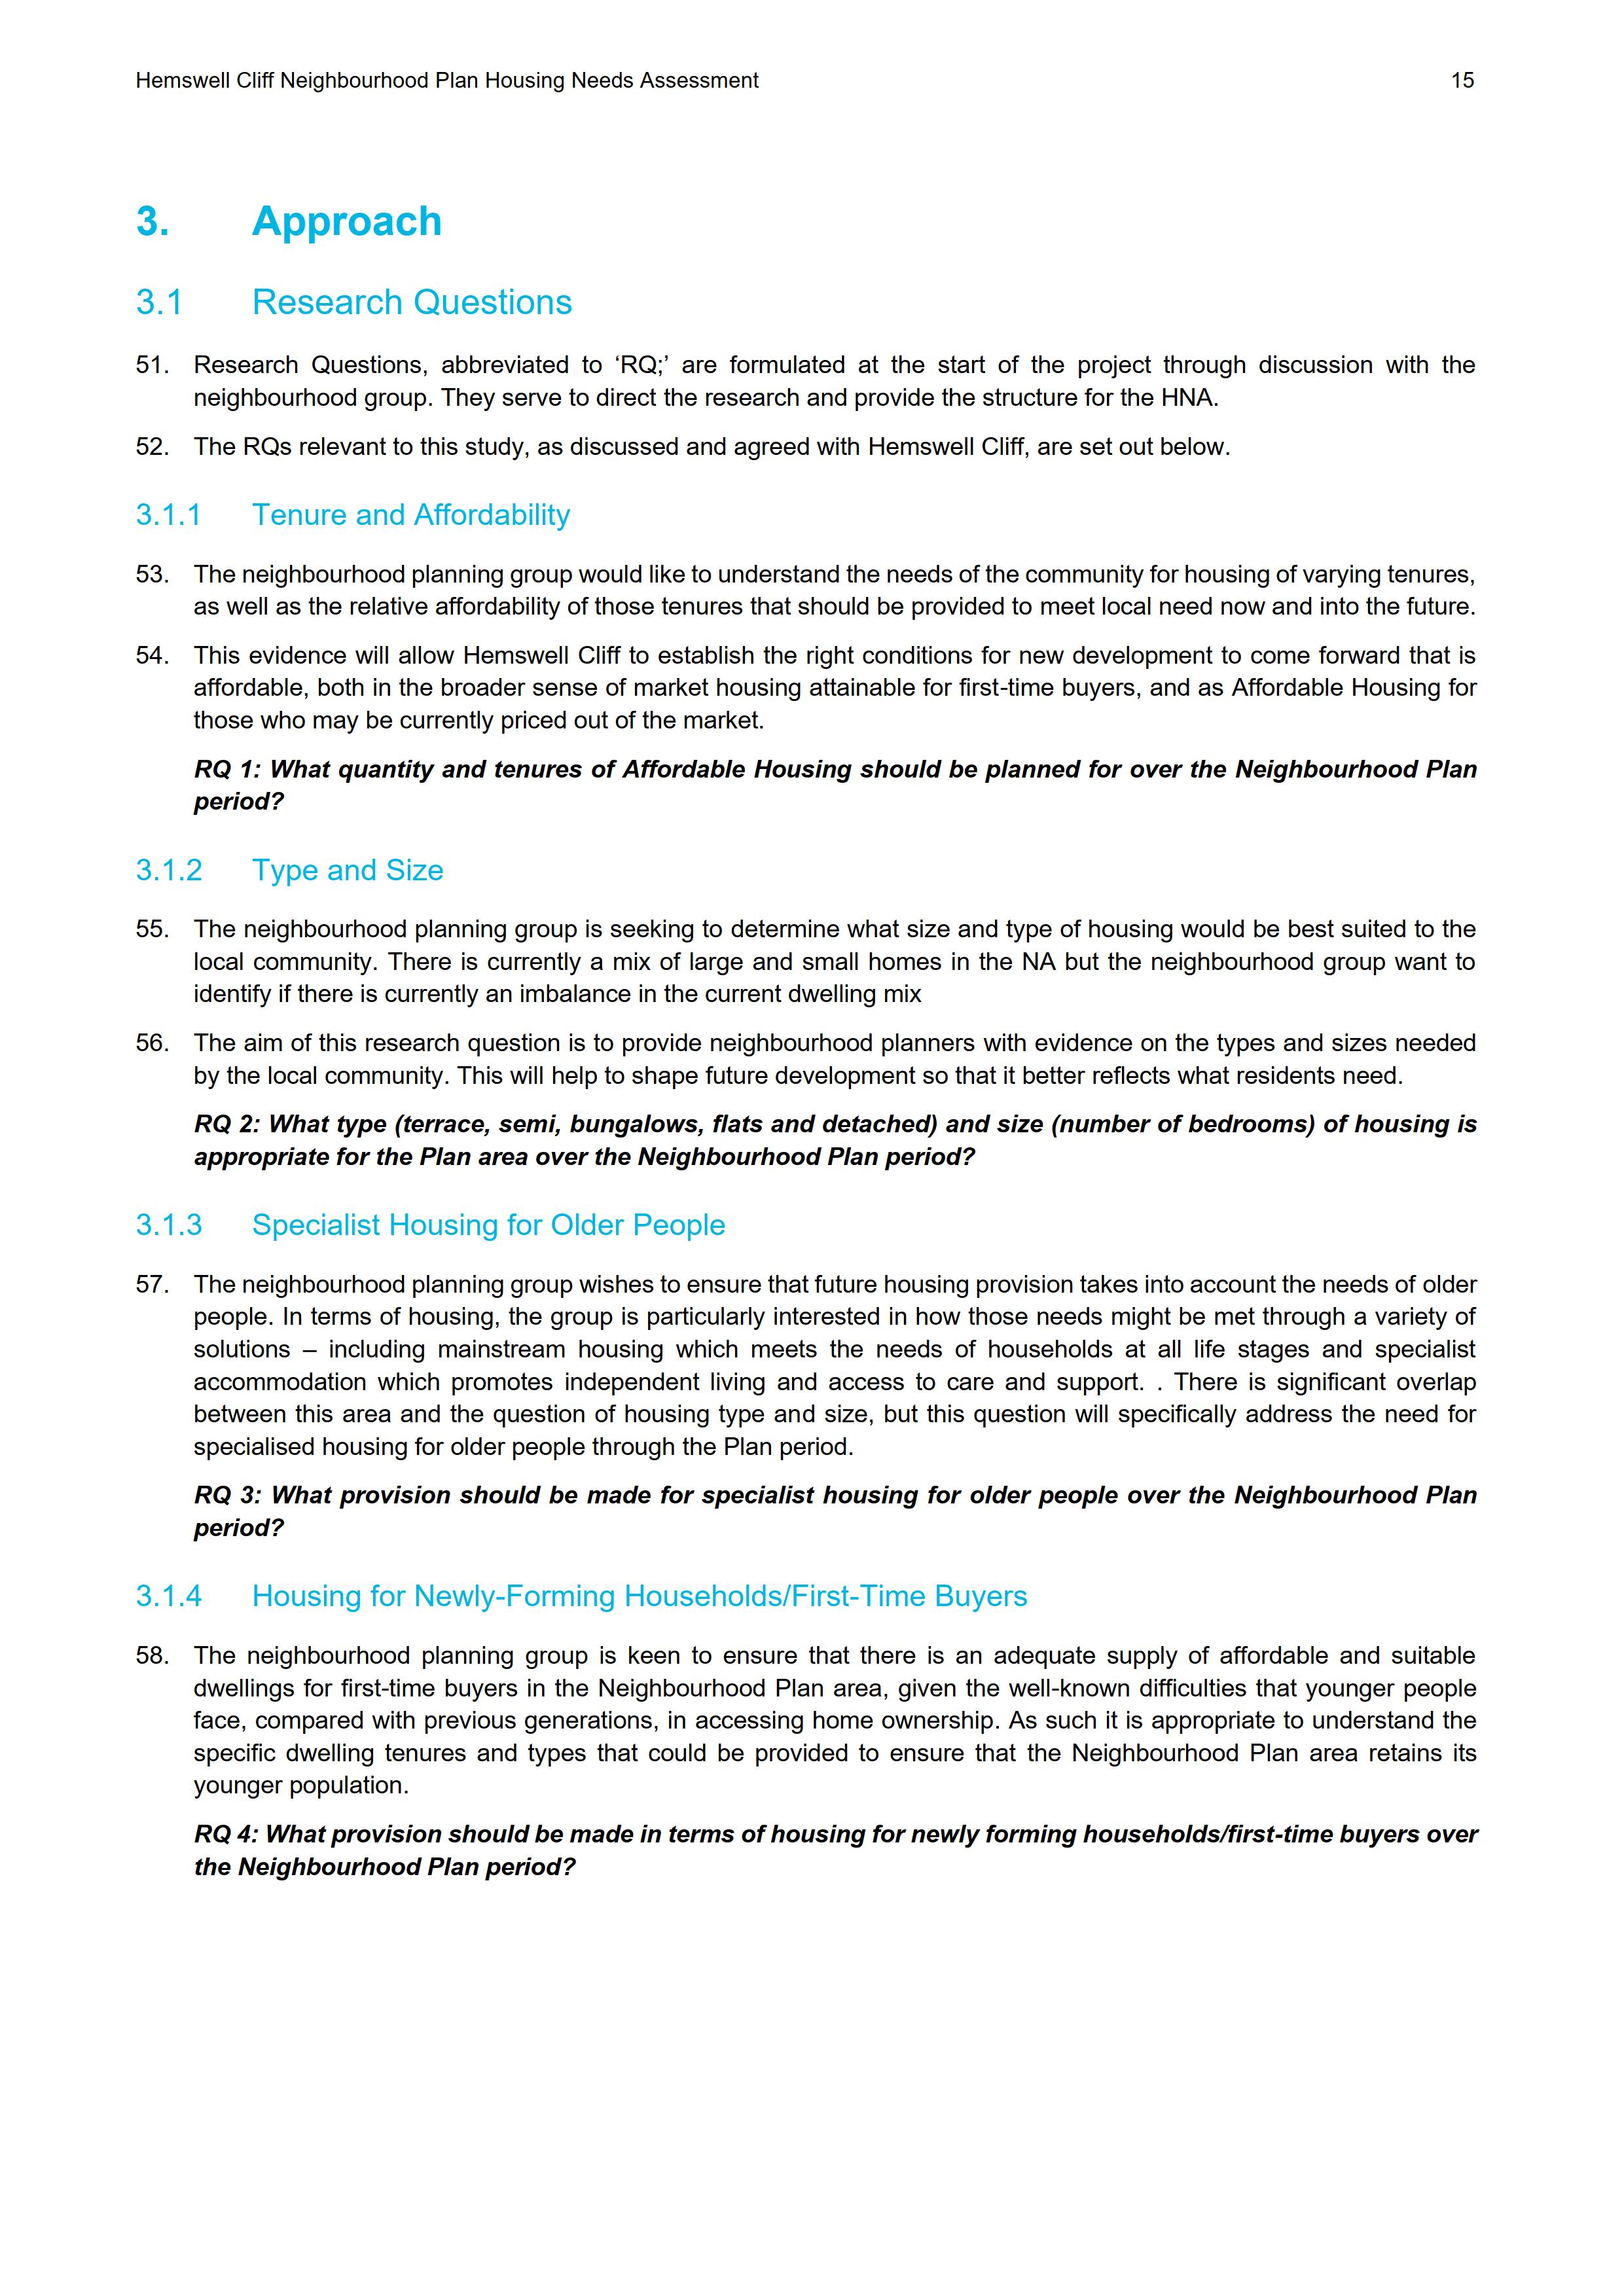 Hemswell_Cliff_Housing_Needs_Assessment_Final_15.png